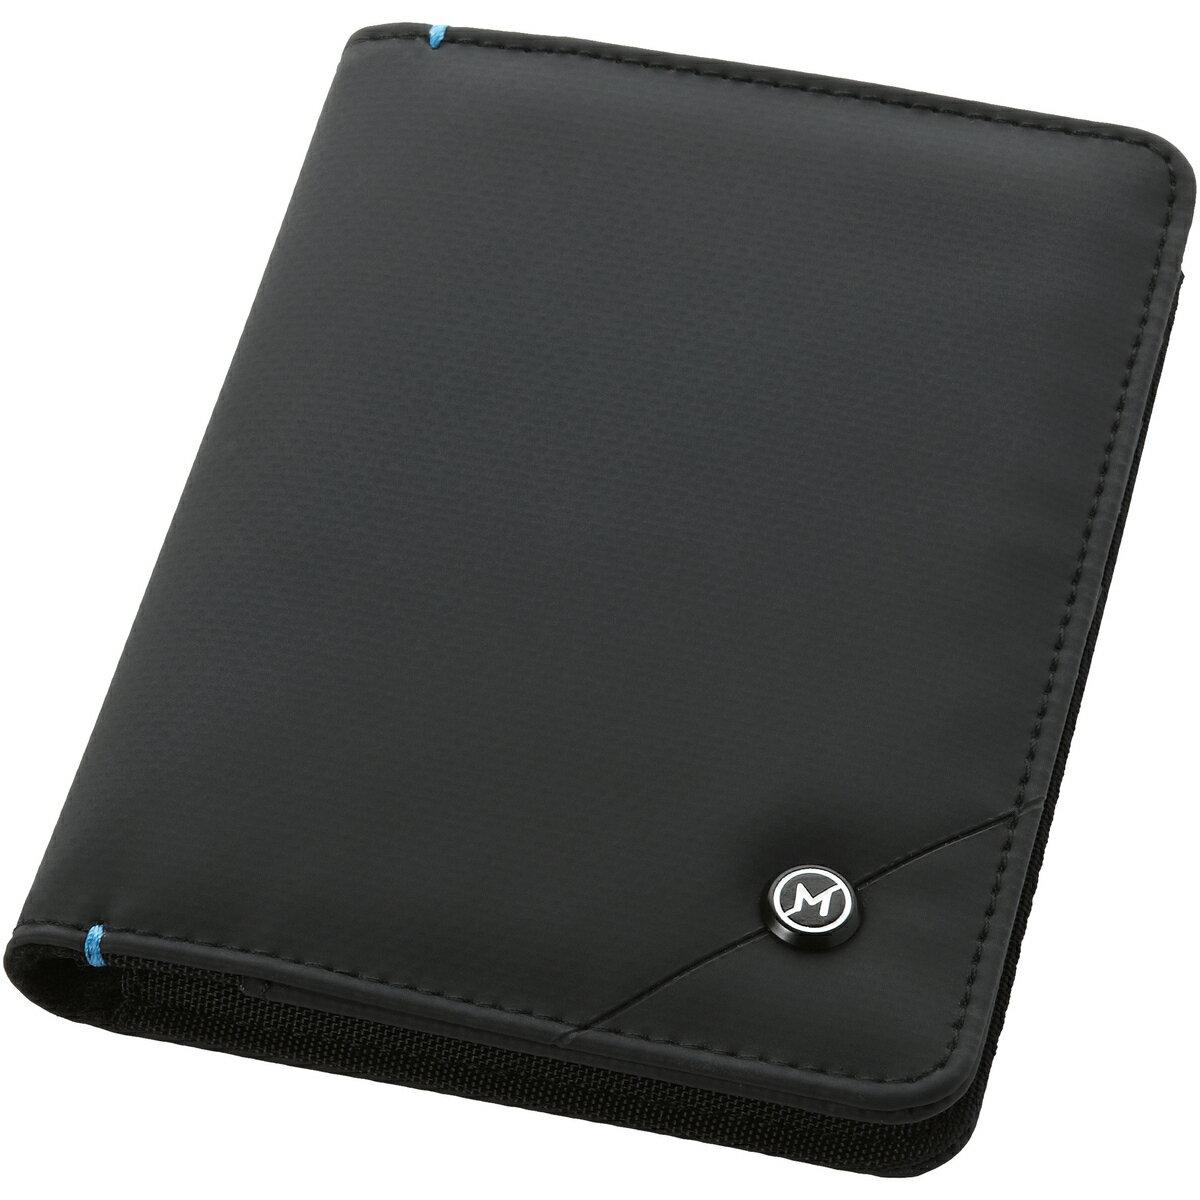 (マークスマン) Marksman Odyssey RFIDブロック パスポートカバー 旅行 パスポートケース 【楽天海外直送】